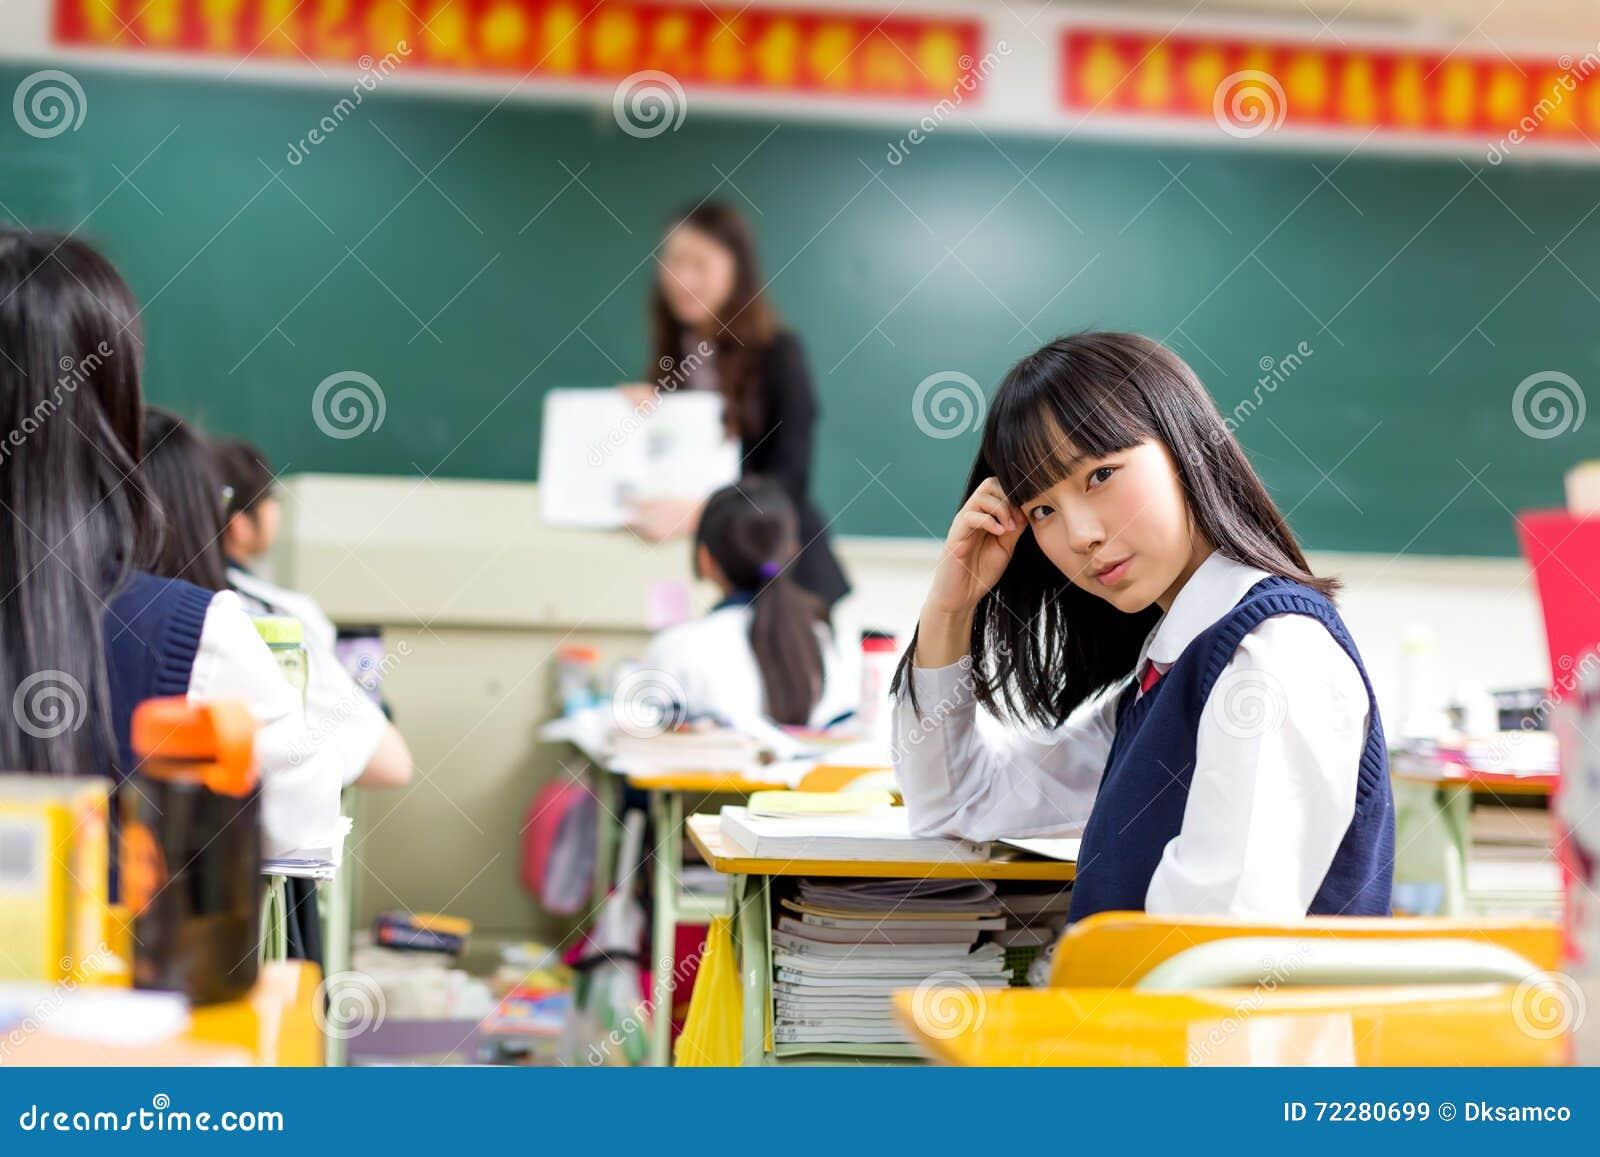 Download Азиатский студент девушки в школьной форме уча в классе Стоковое Изображение - изображение насчитывающей женщина, рука: 72280699